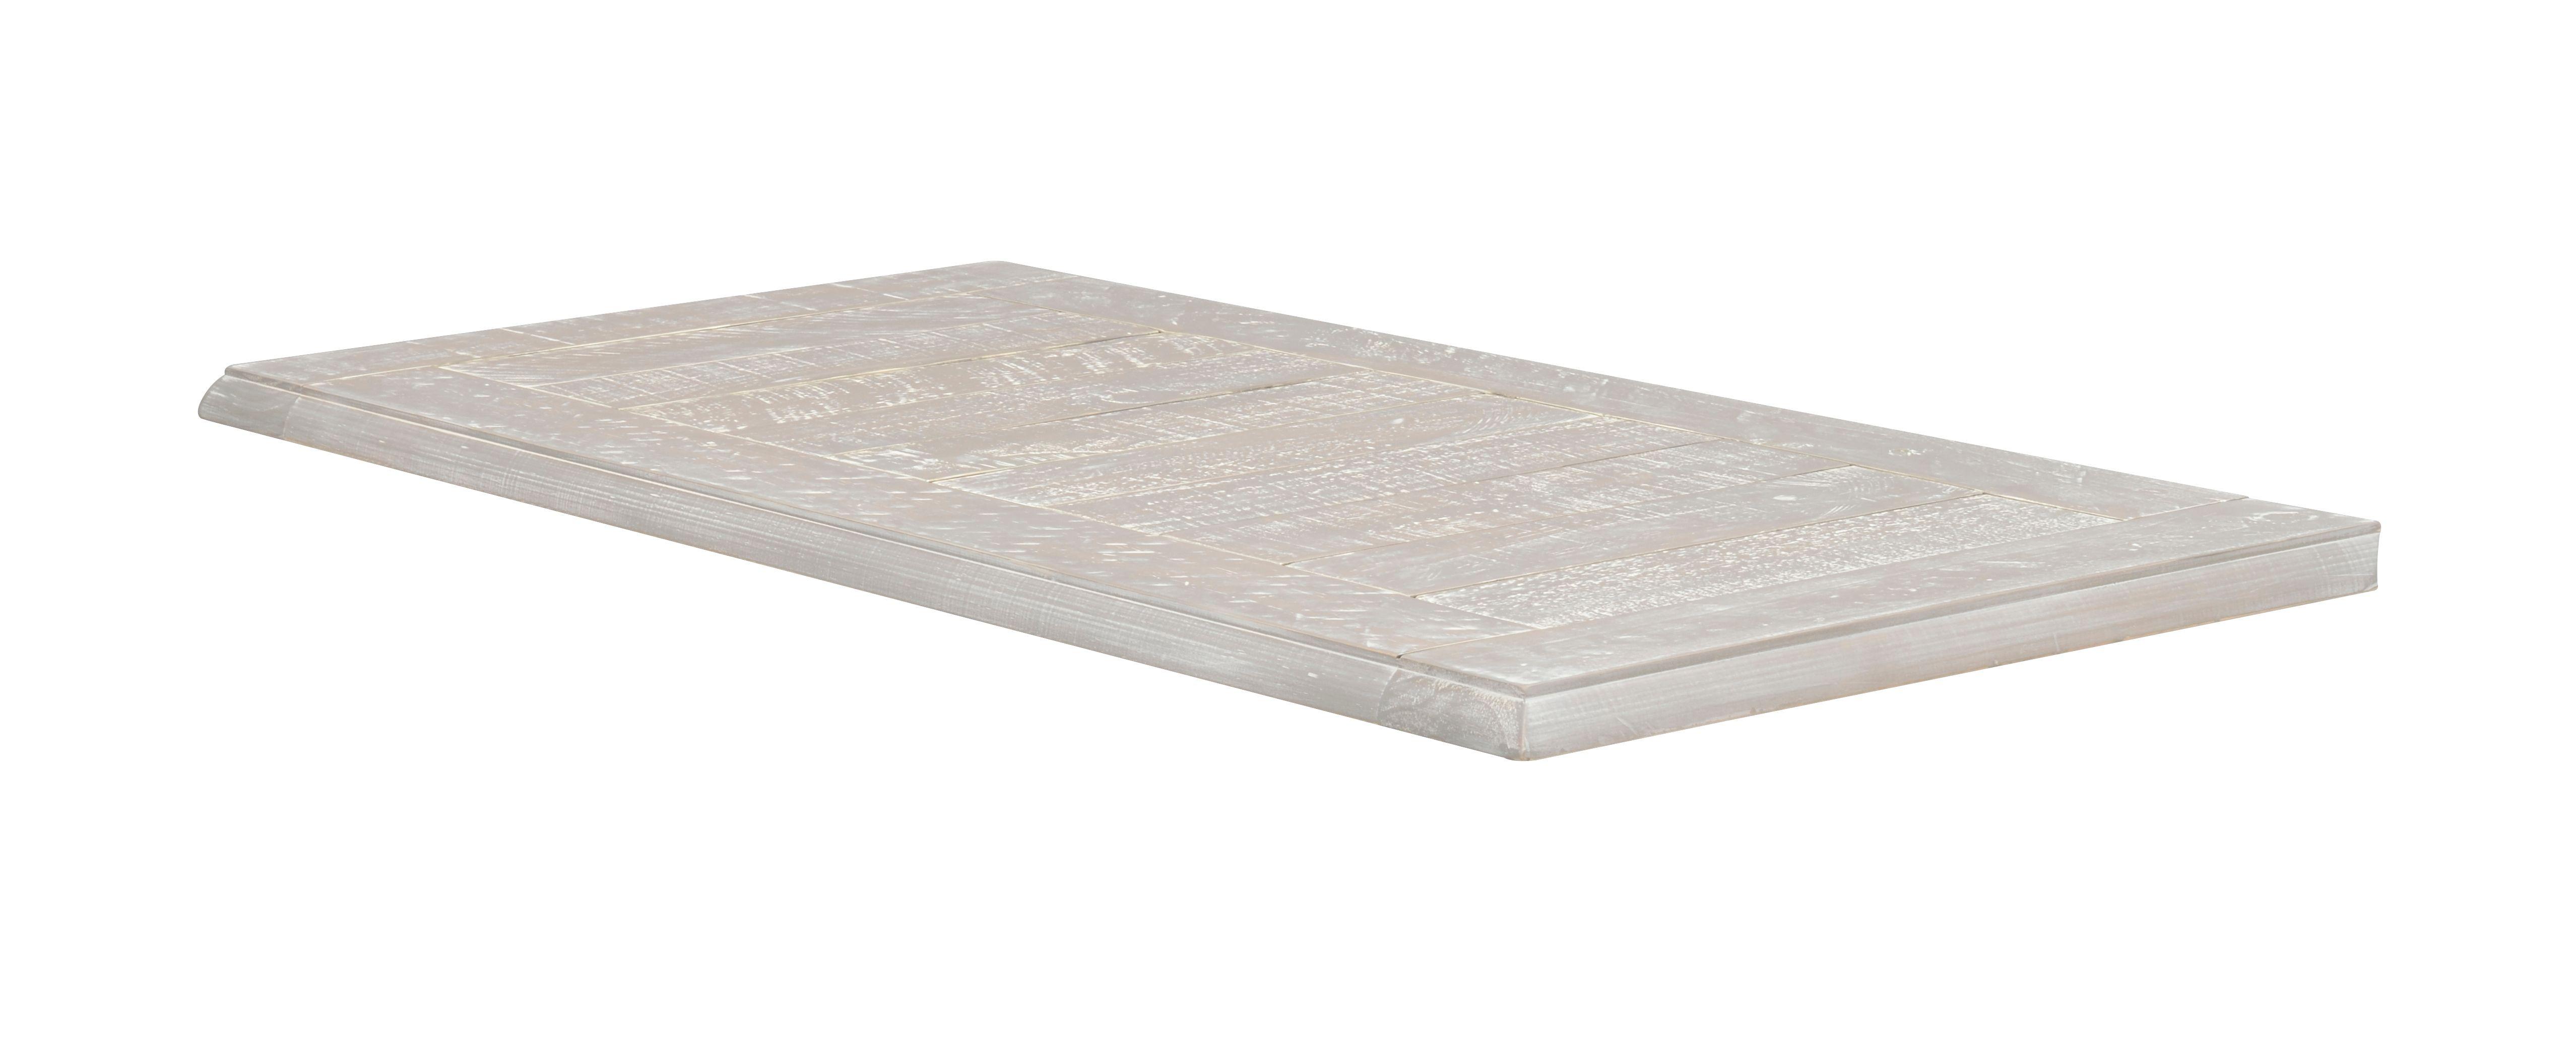 Lorient ruokapöydän 45x95 cm jatkolevyt 2 kpl kuultoharmaa